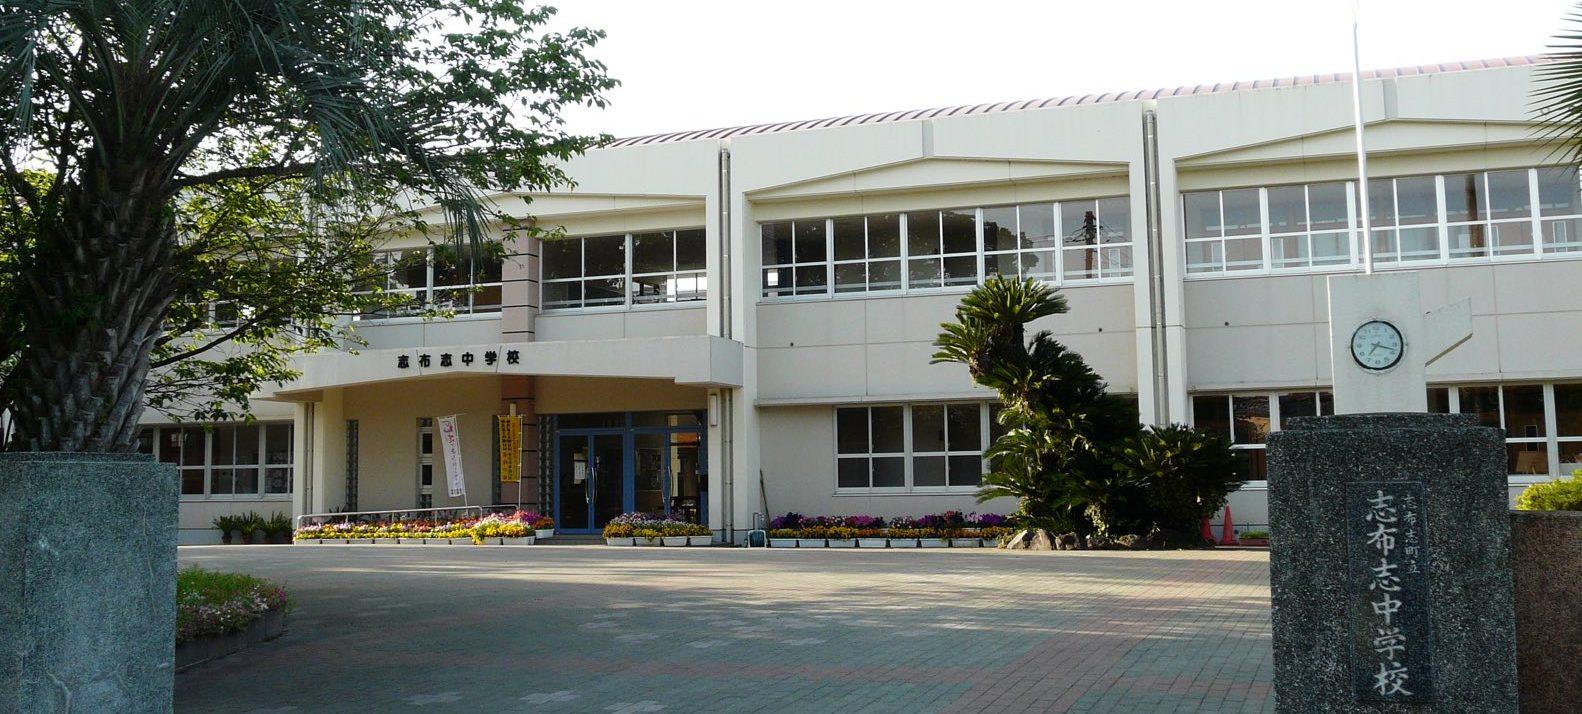 志布志市立志布志中学校